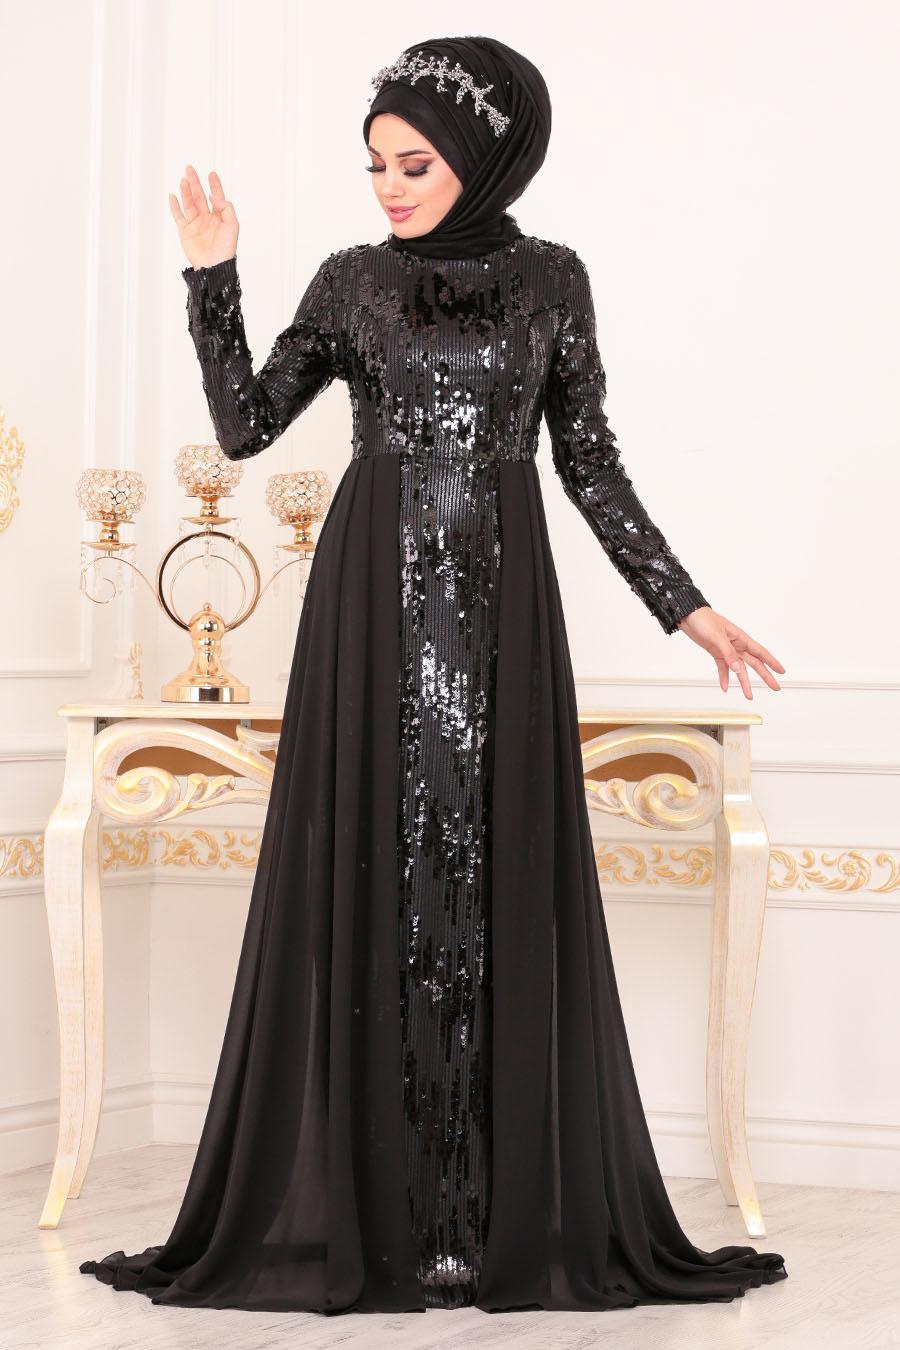 Tesettürlü Abiye Elbise - Pul Payetli Siyah Tesettür Abiye Elbise 8590S